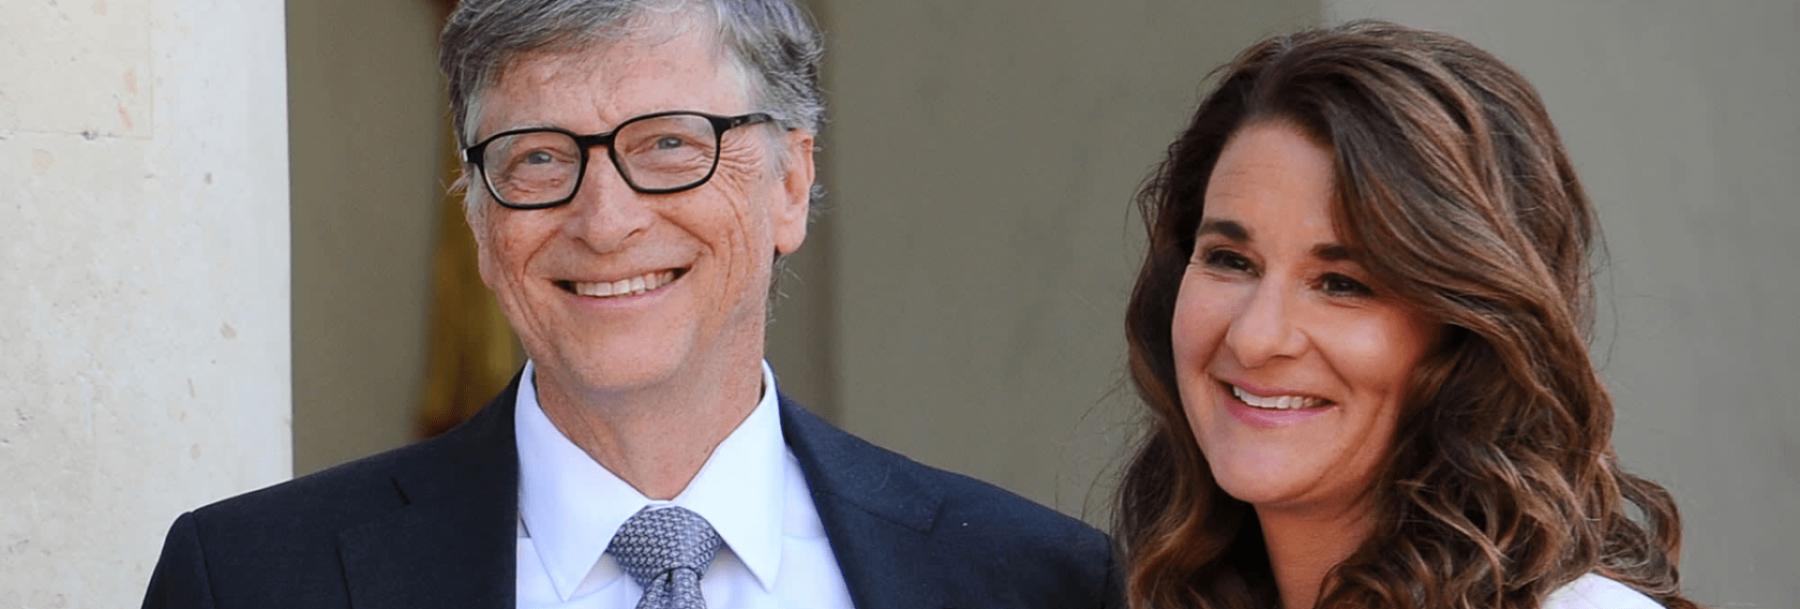 Μπιλ Γκέιτς: «Τα έκανα θάλασσα με το διαζύγιο» - Η δημόσια παραδοχή για τον χωρισμό του από την επί 27χρόνια σύζυγο του